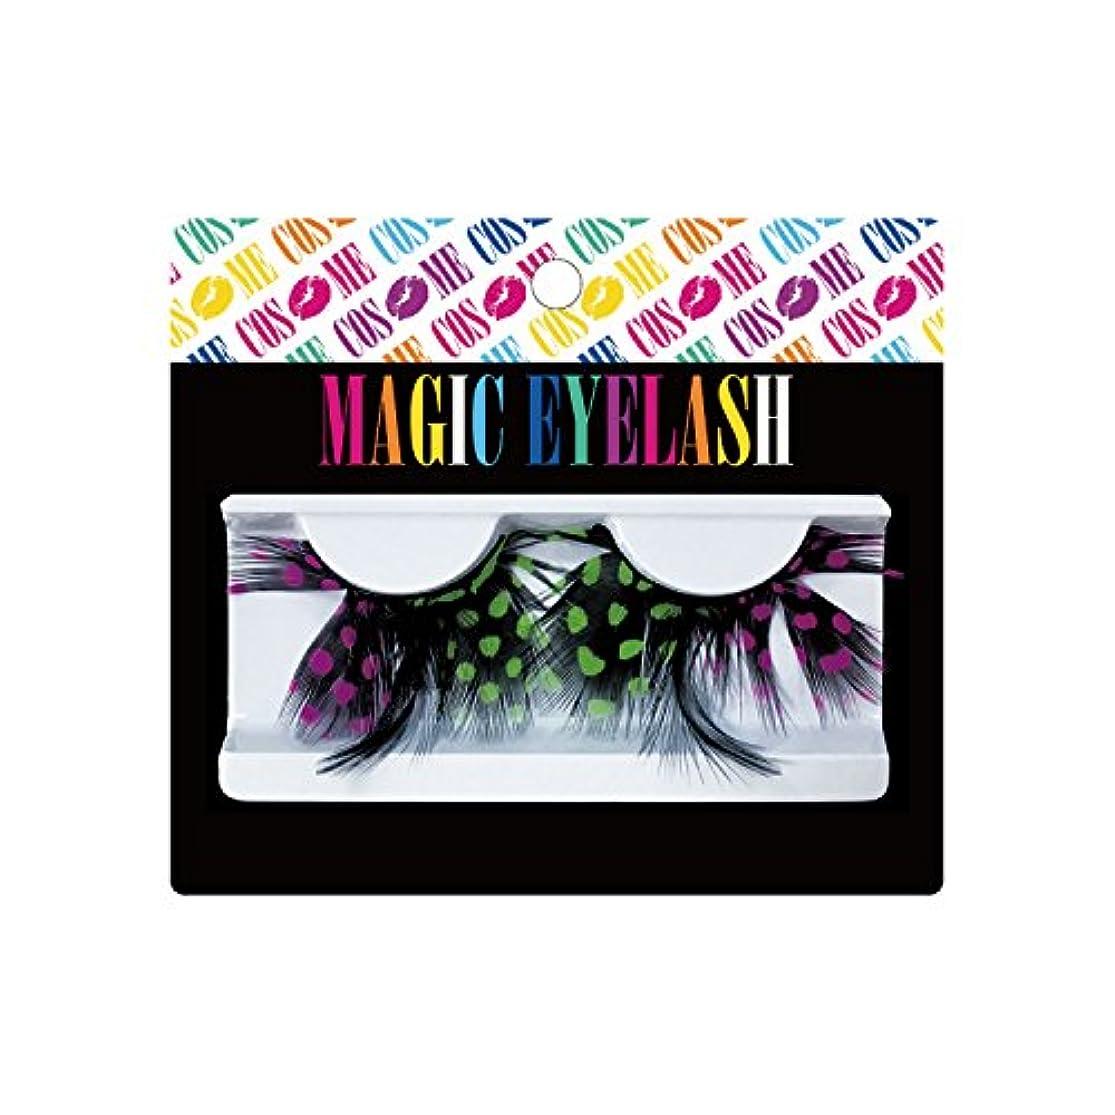 発表する黒怖がって死ぬピュア つけまつげ MAGIC EYELASH マジック アイラッシュ #11